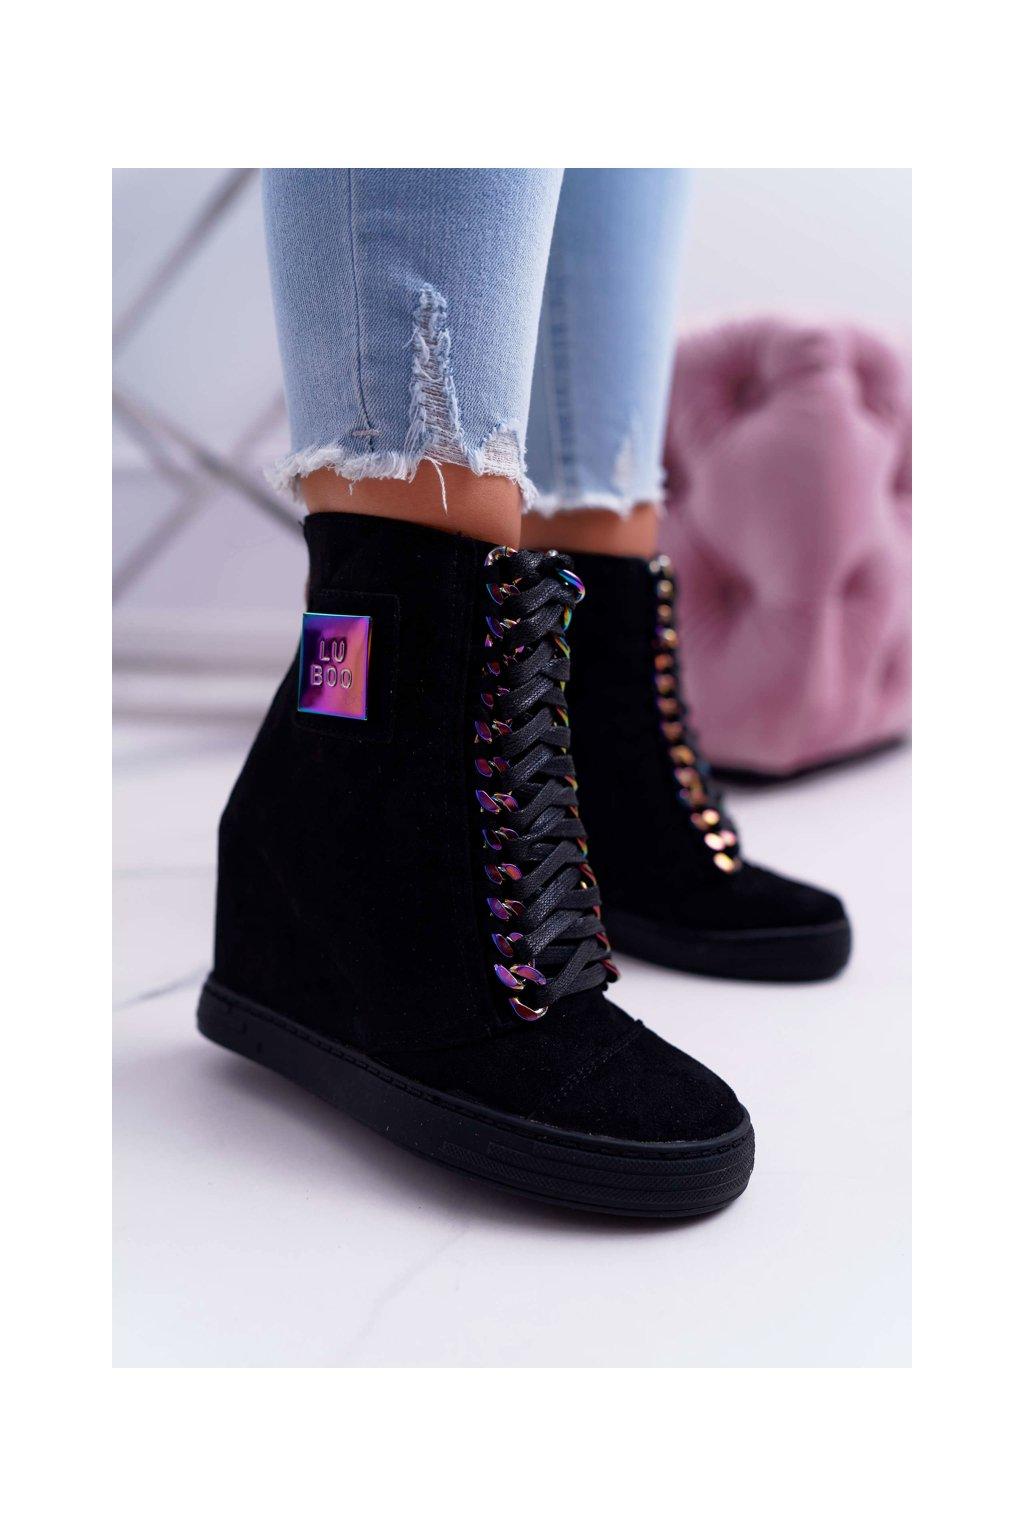 Dámska obuv sneakers Lu Boo čierna hrajúca dúhovými farbami Monica